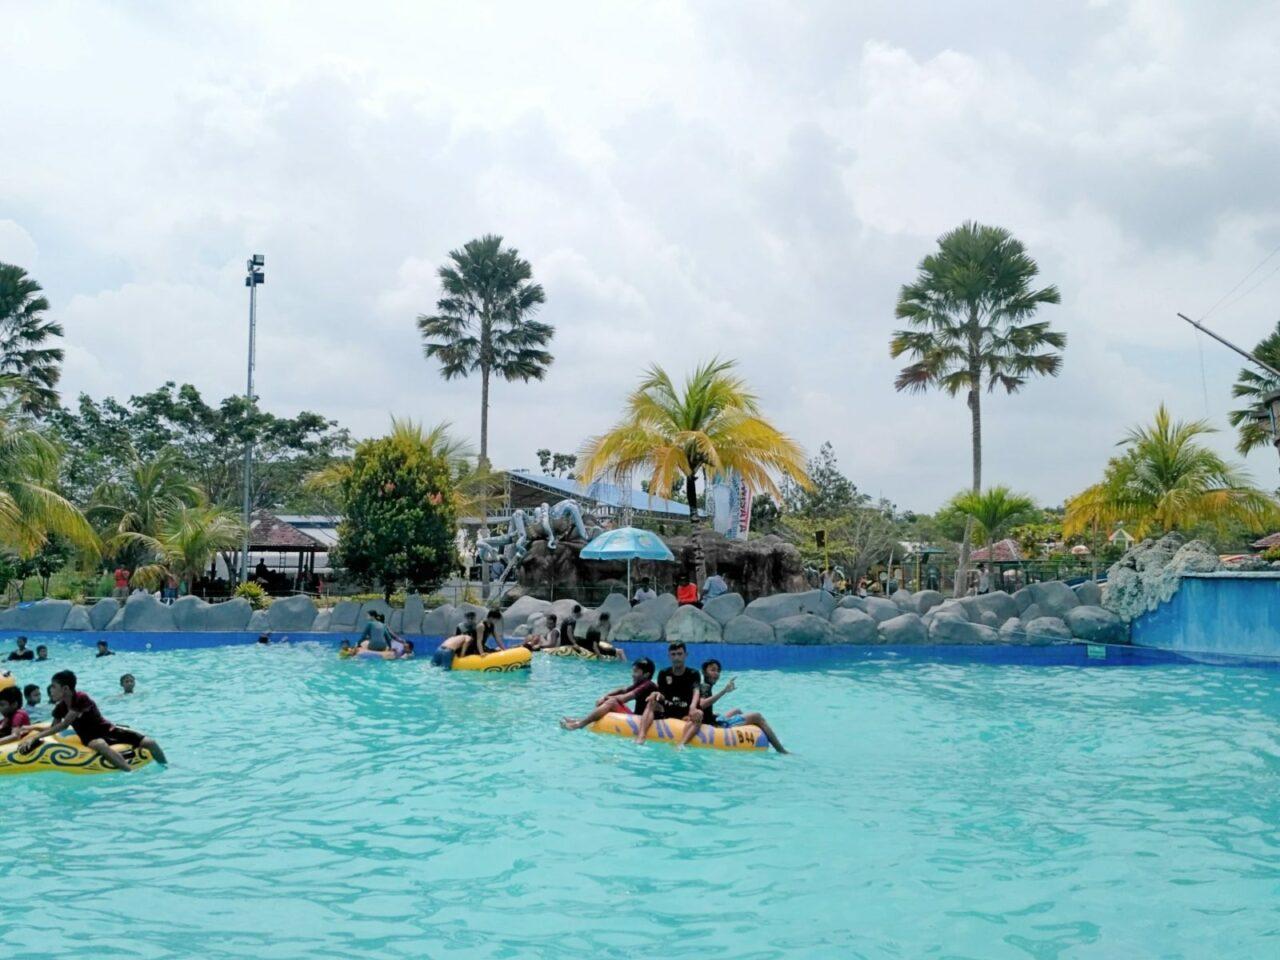 wahana kolam ombak waterpark boombara pekanbaru